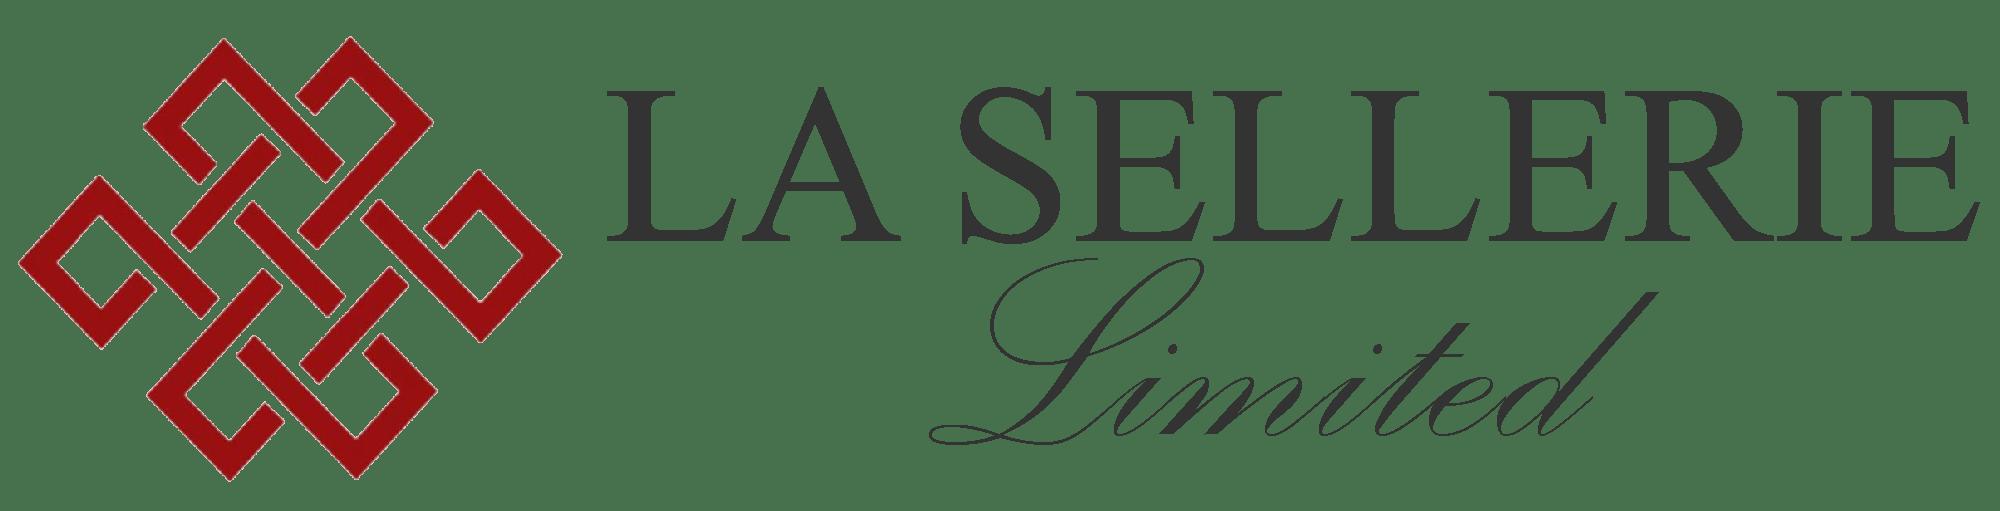 La Sellerie Limited